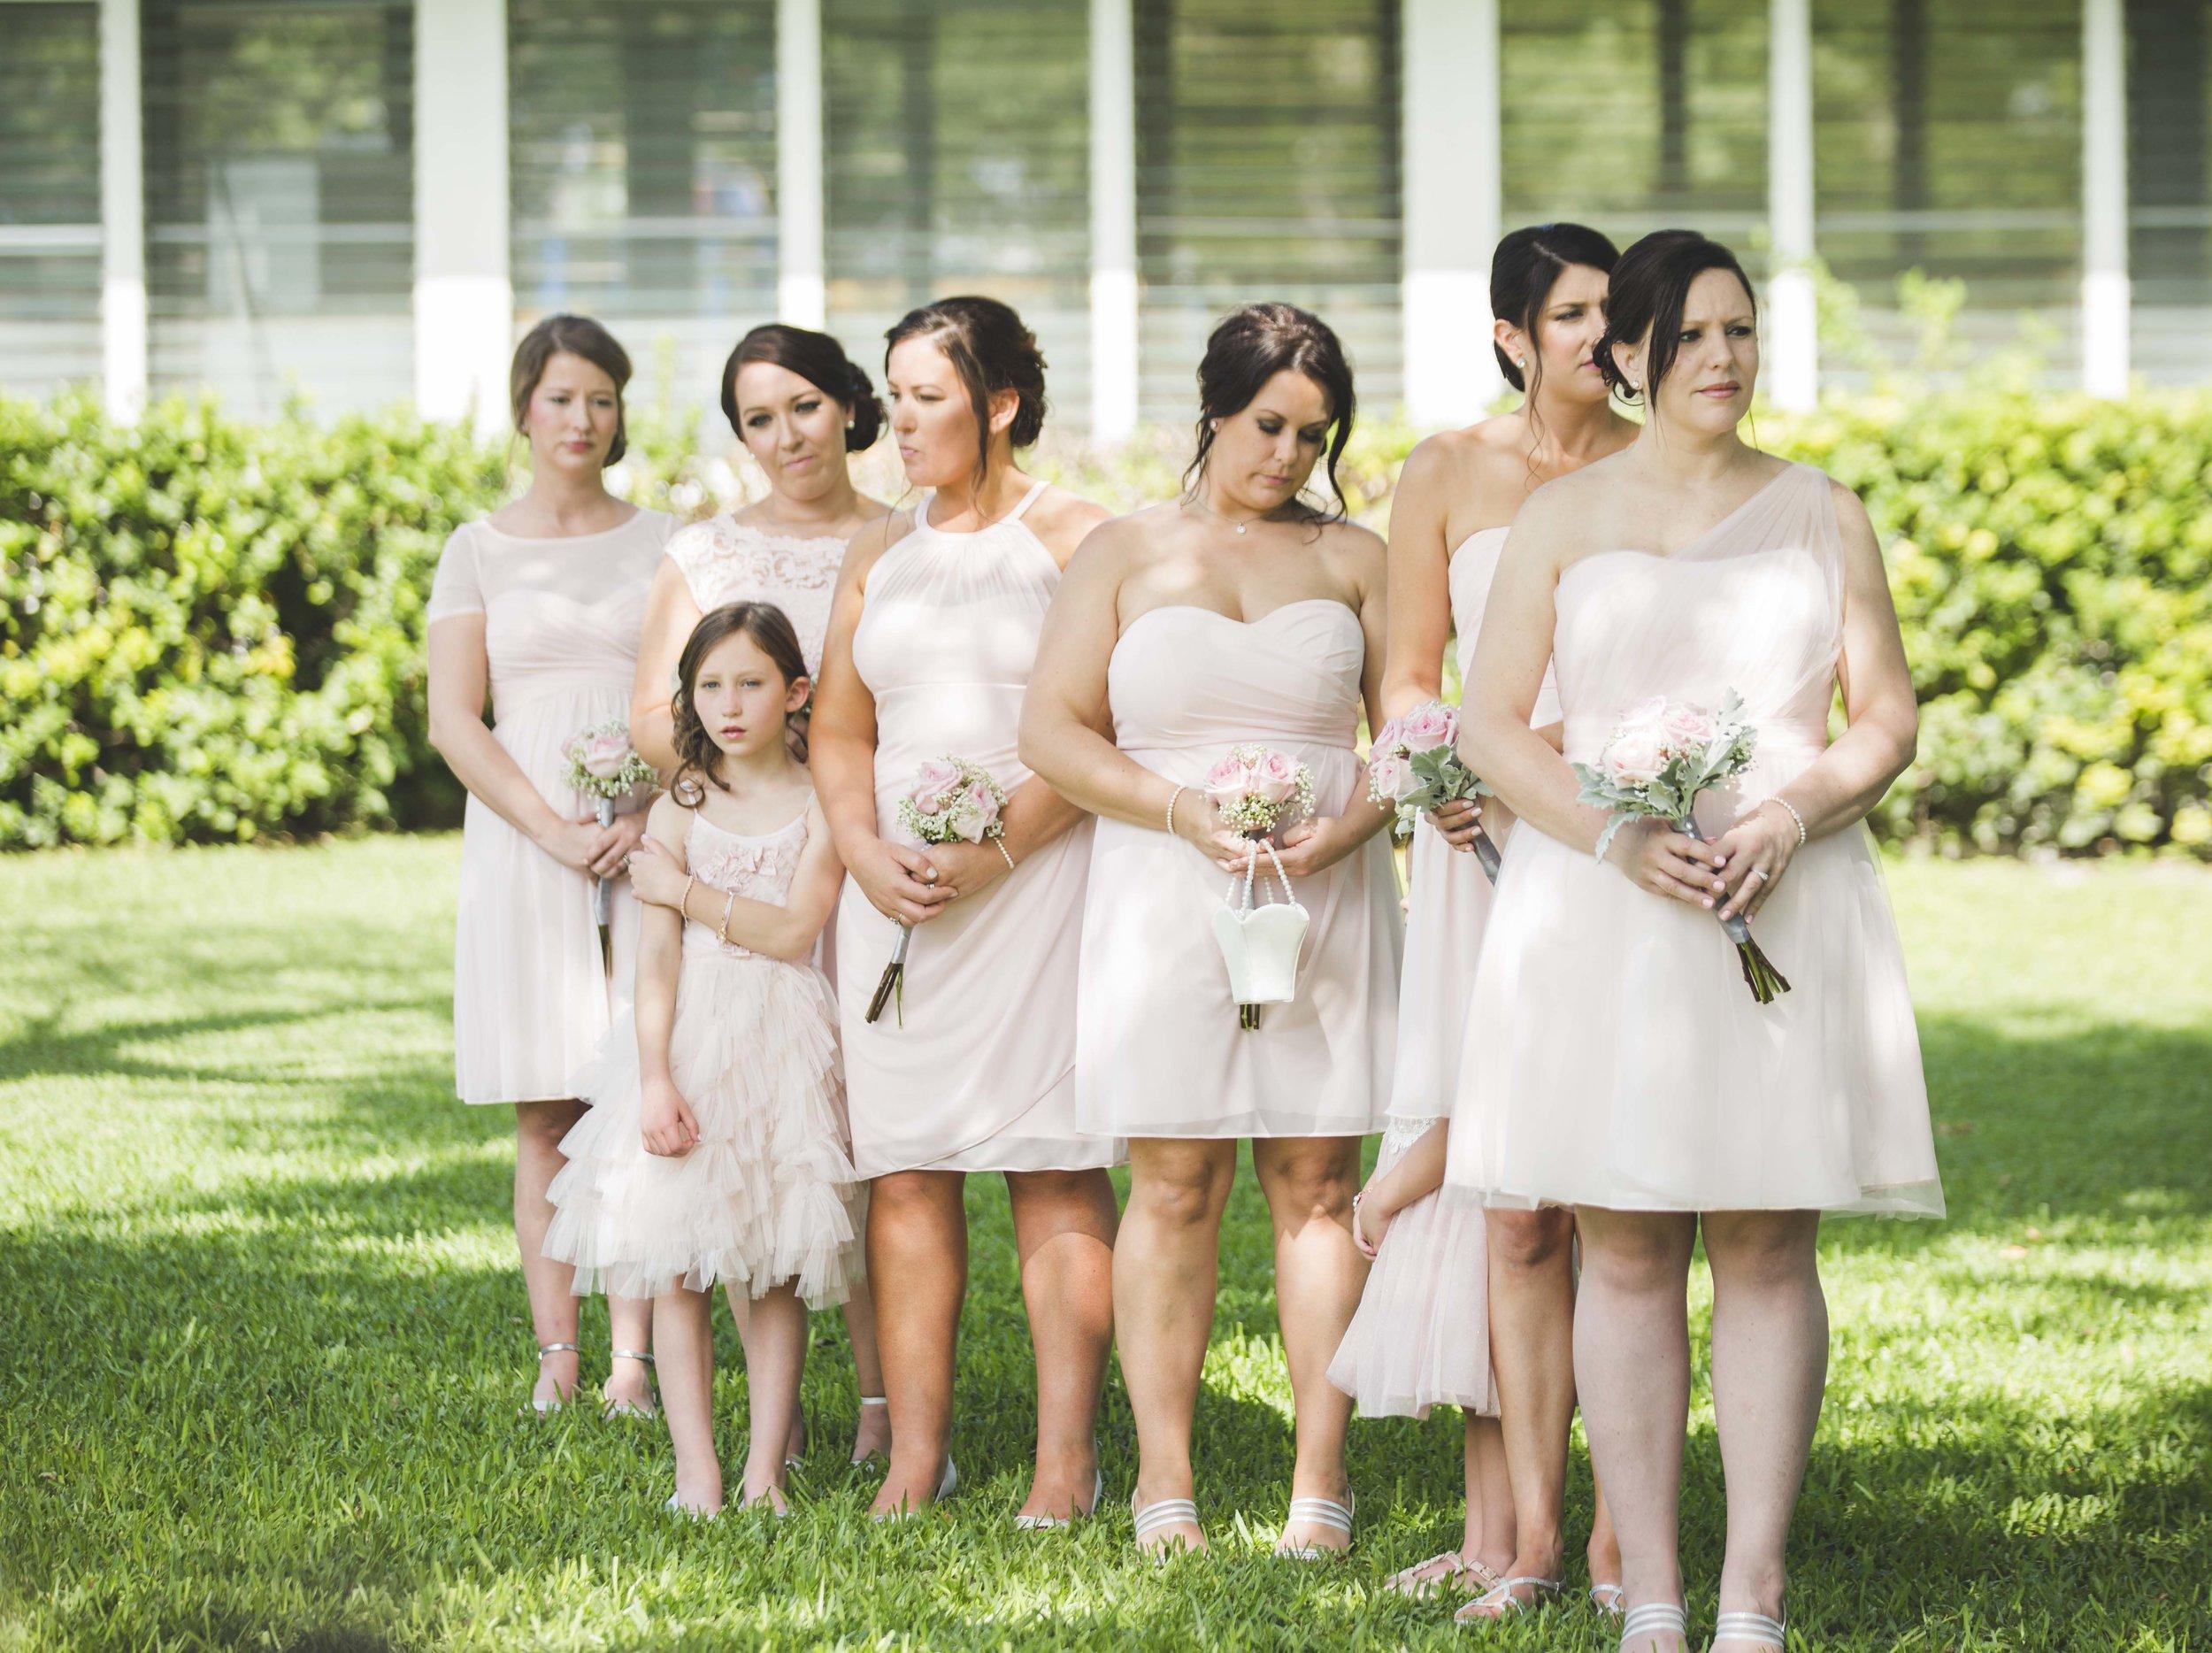 ATGI_Susanna & Matt Wedding_717A7616.jpg